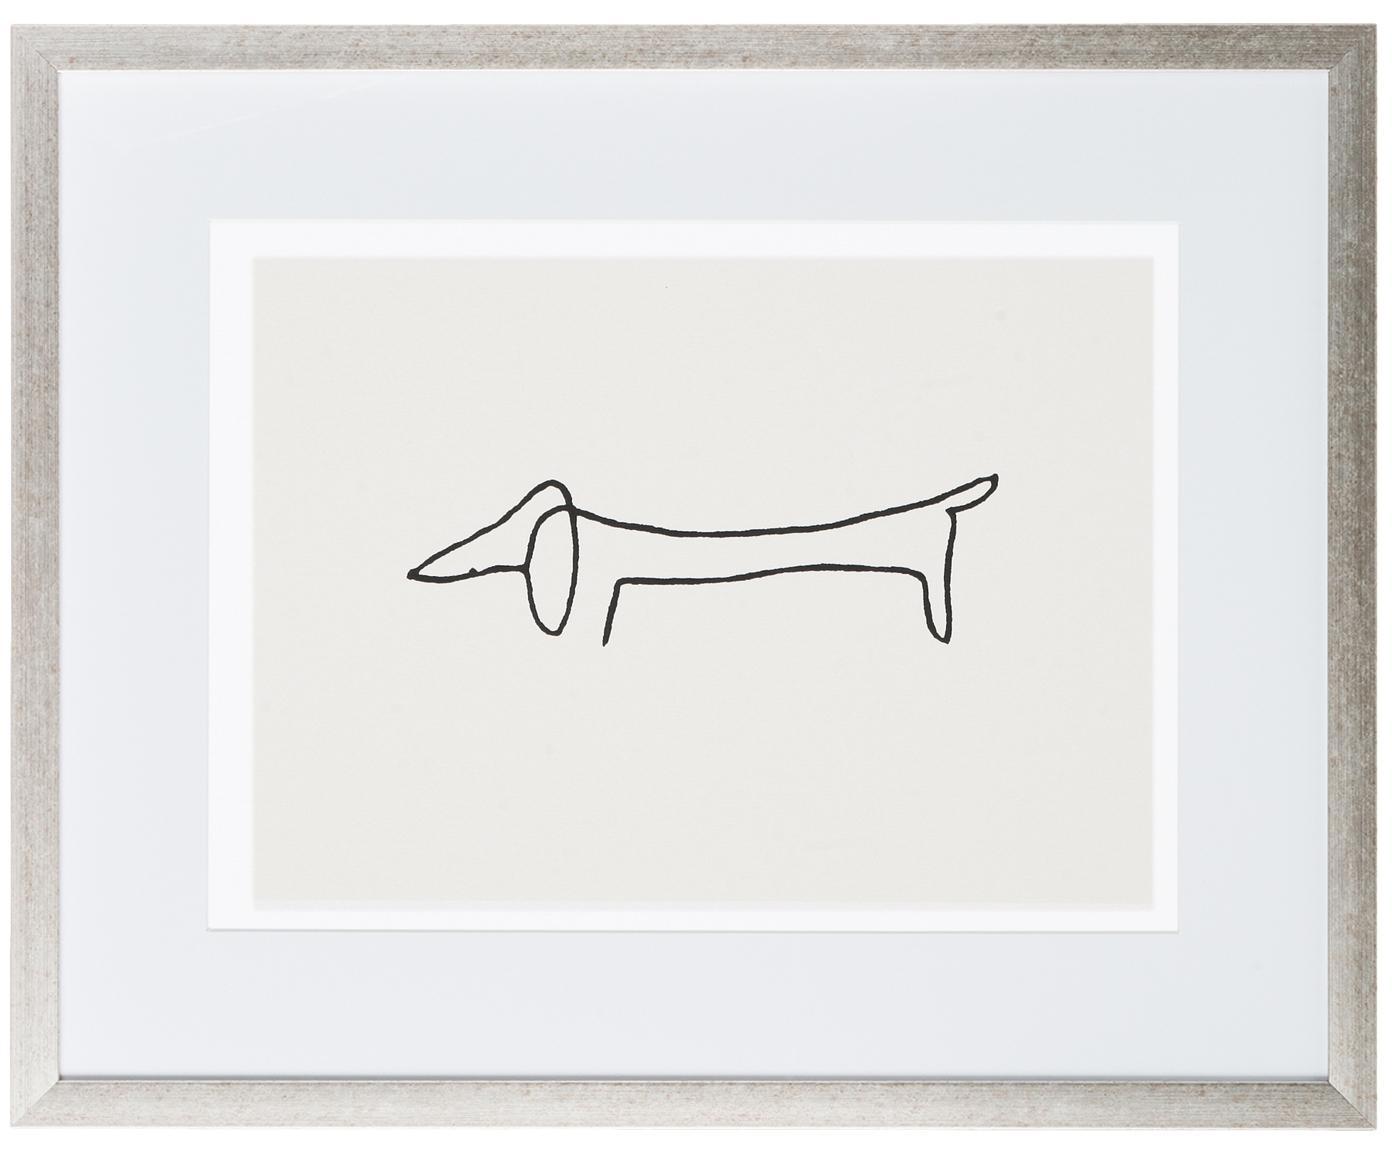 Oprawiony druk cyfrowy Picasso's Dackel, Stelaż: tworzywo sztuczne, antycz, Ilustracja: czarny, biały Stelaż: odcienie srebrnego, S 50 x W 40 cm